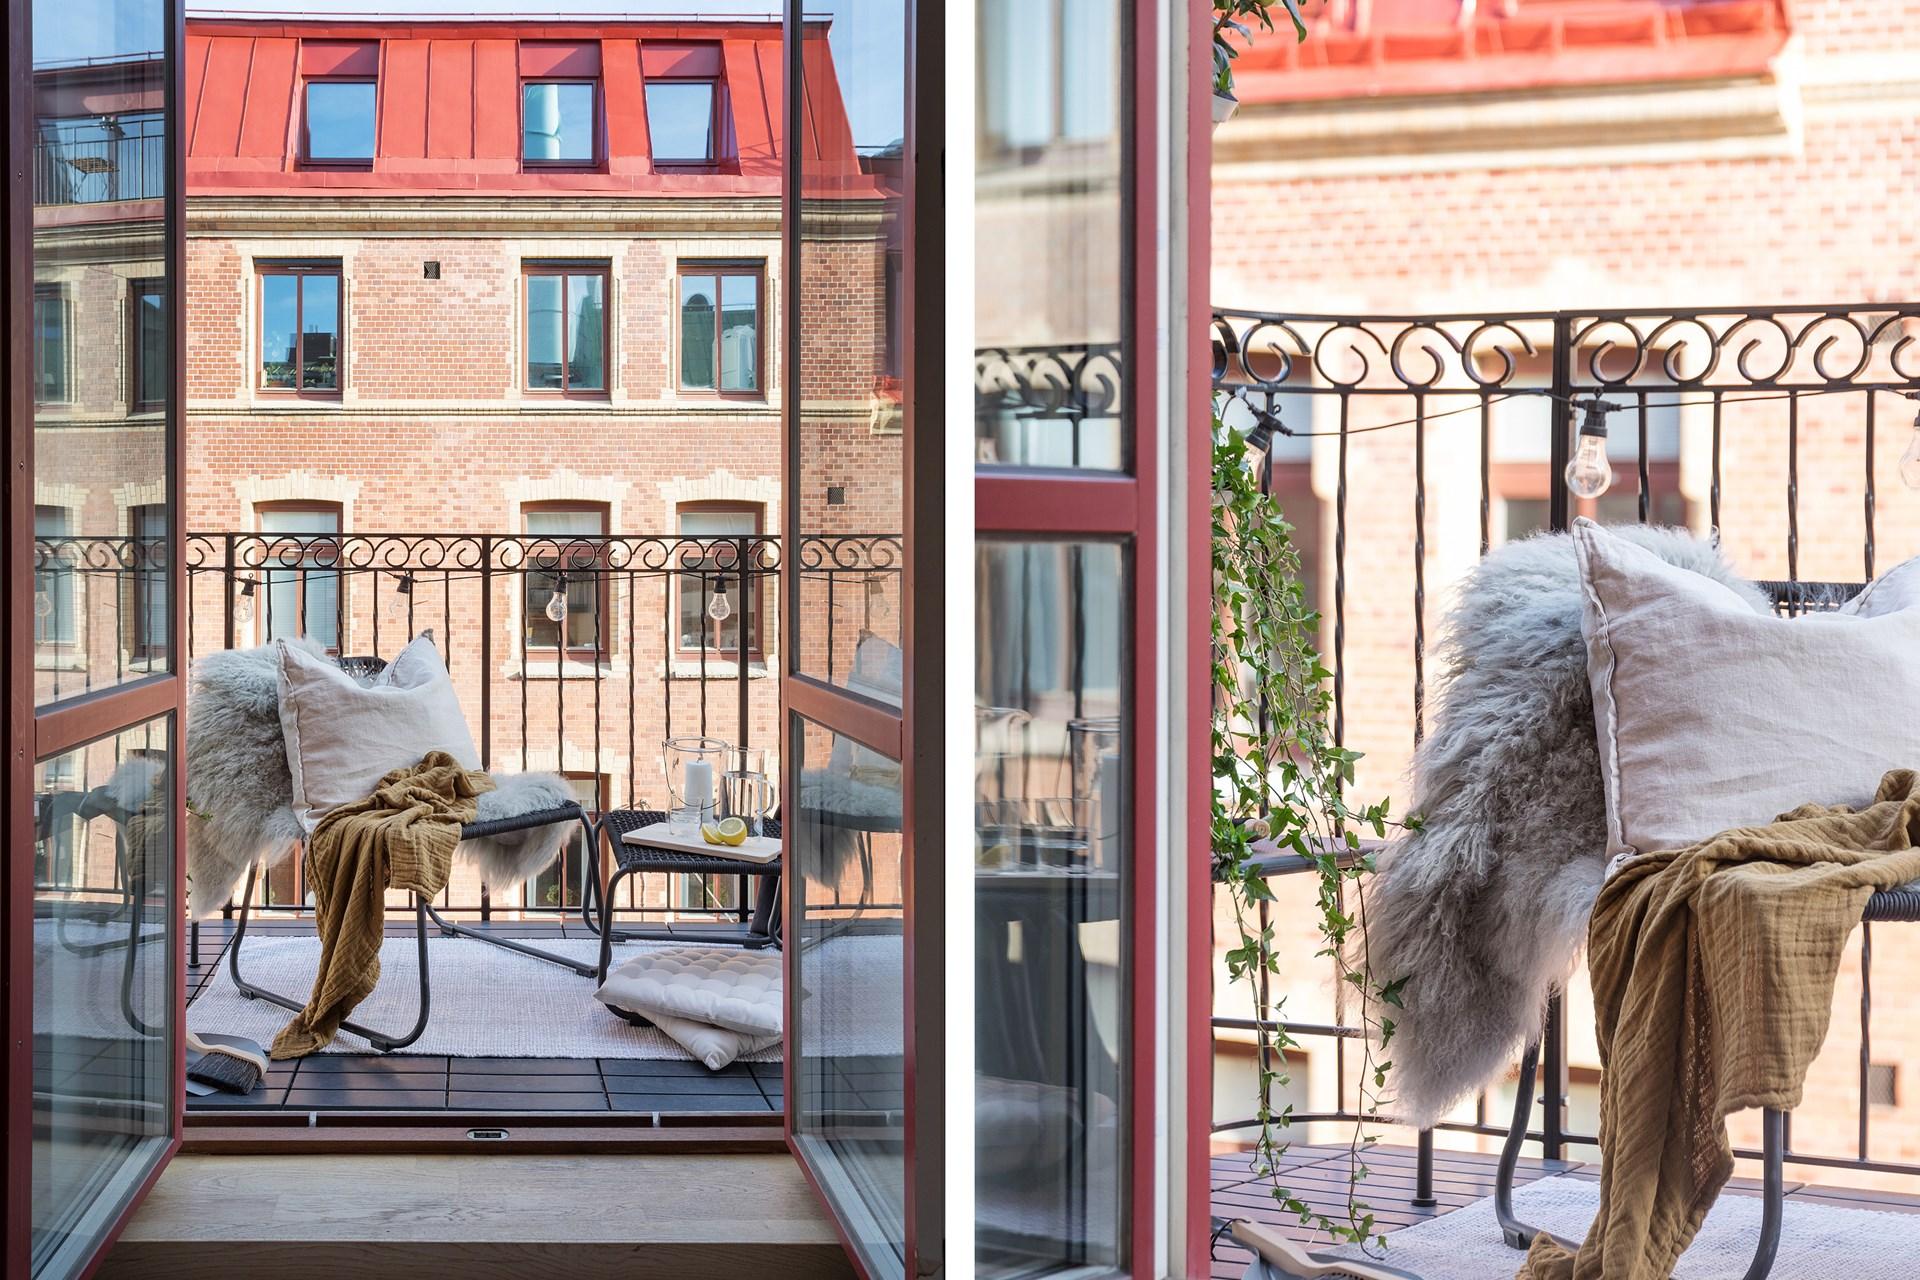 квартира 40 квм балкон